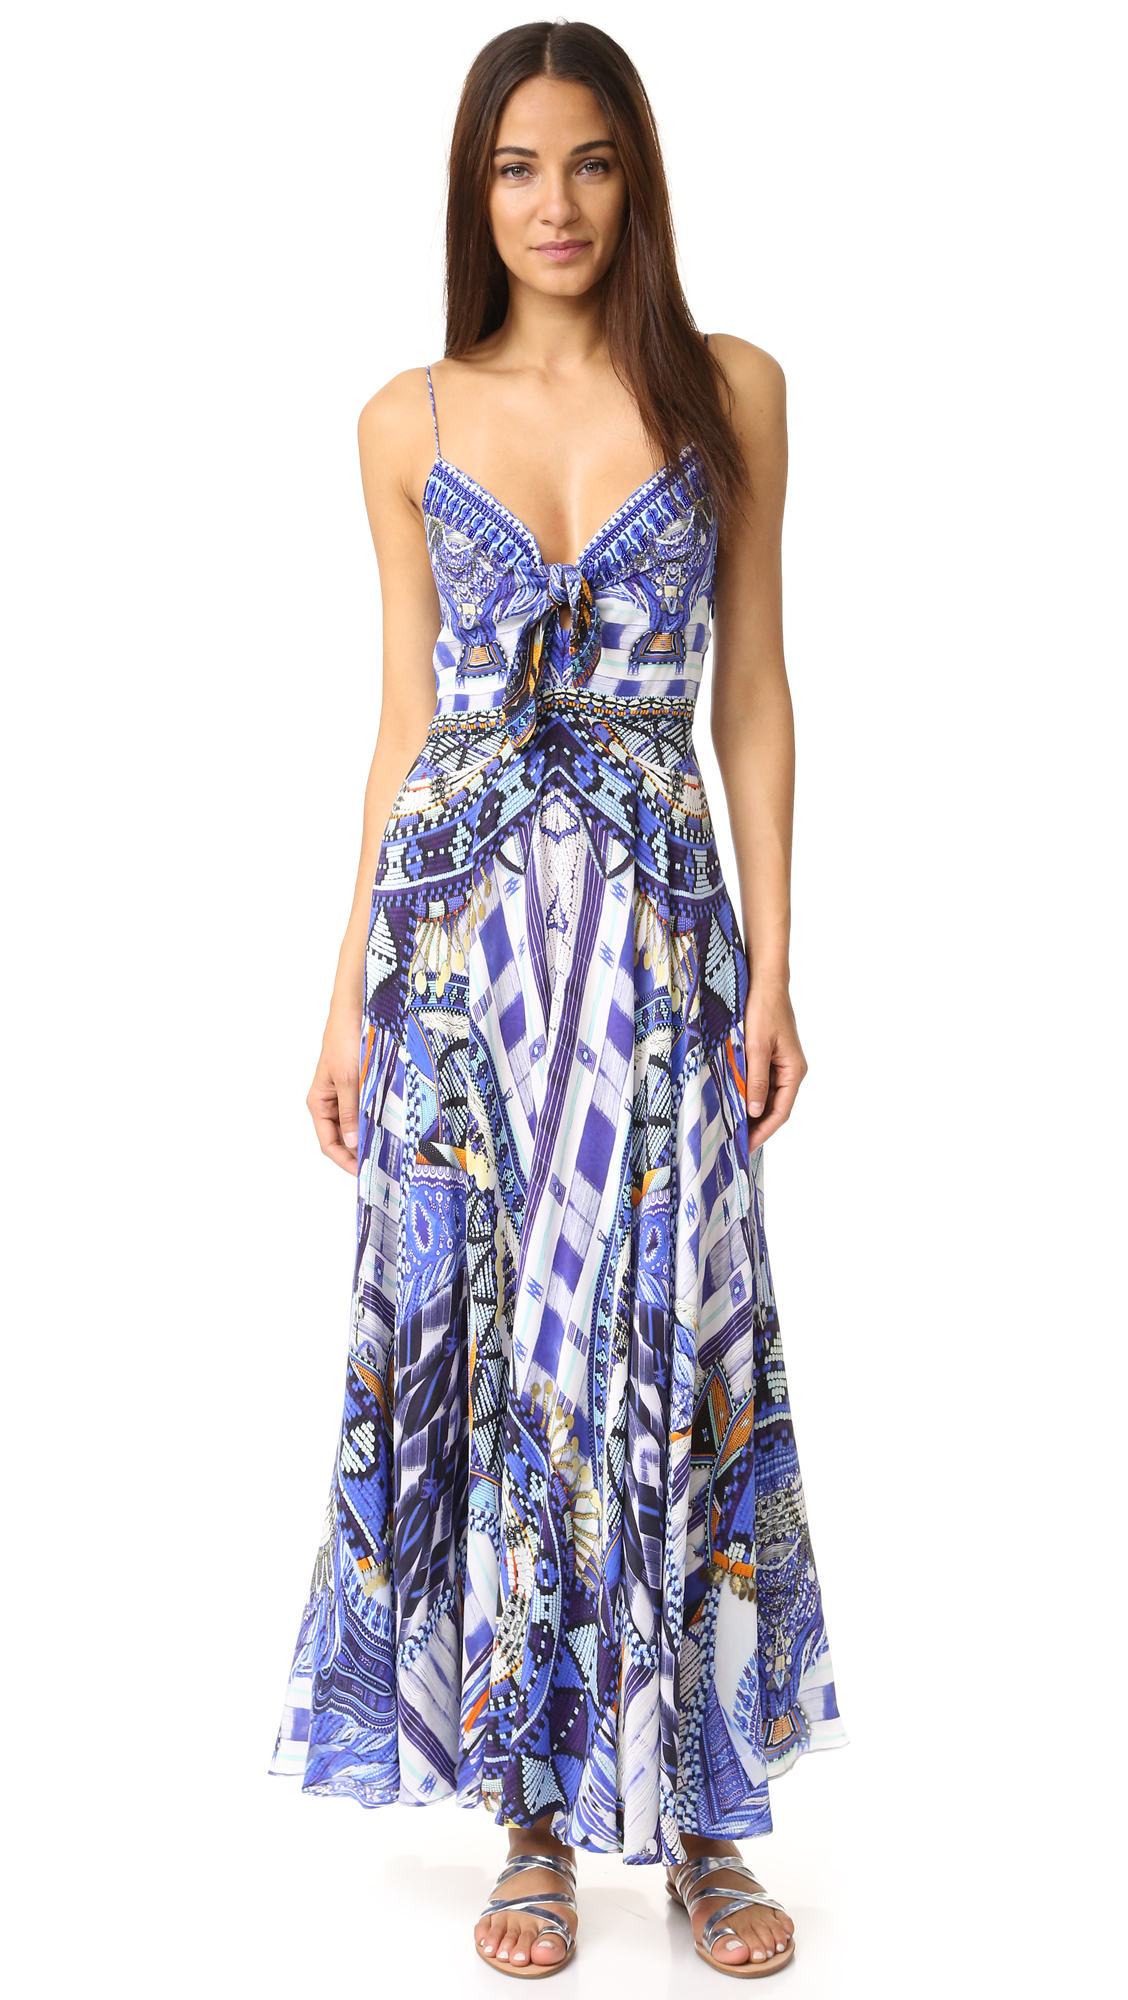 camilla female  camilla rhythem blues long dress with tie front rhythm blues